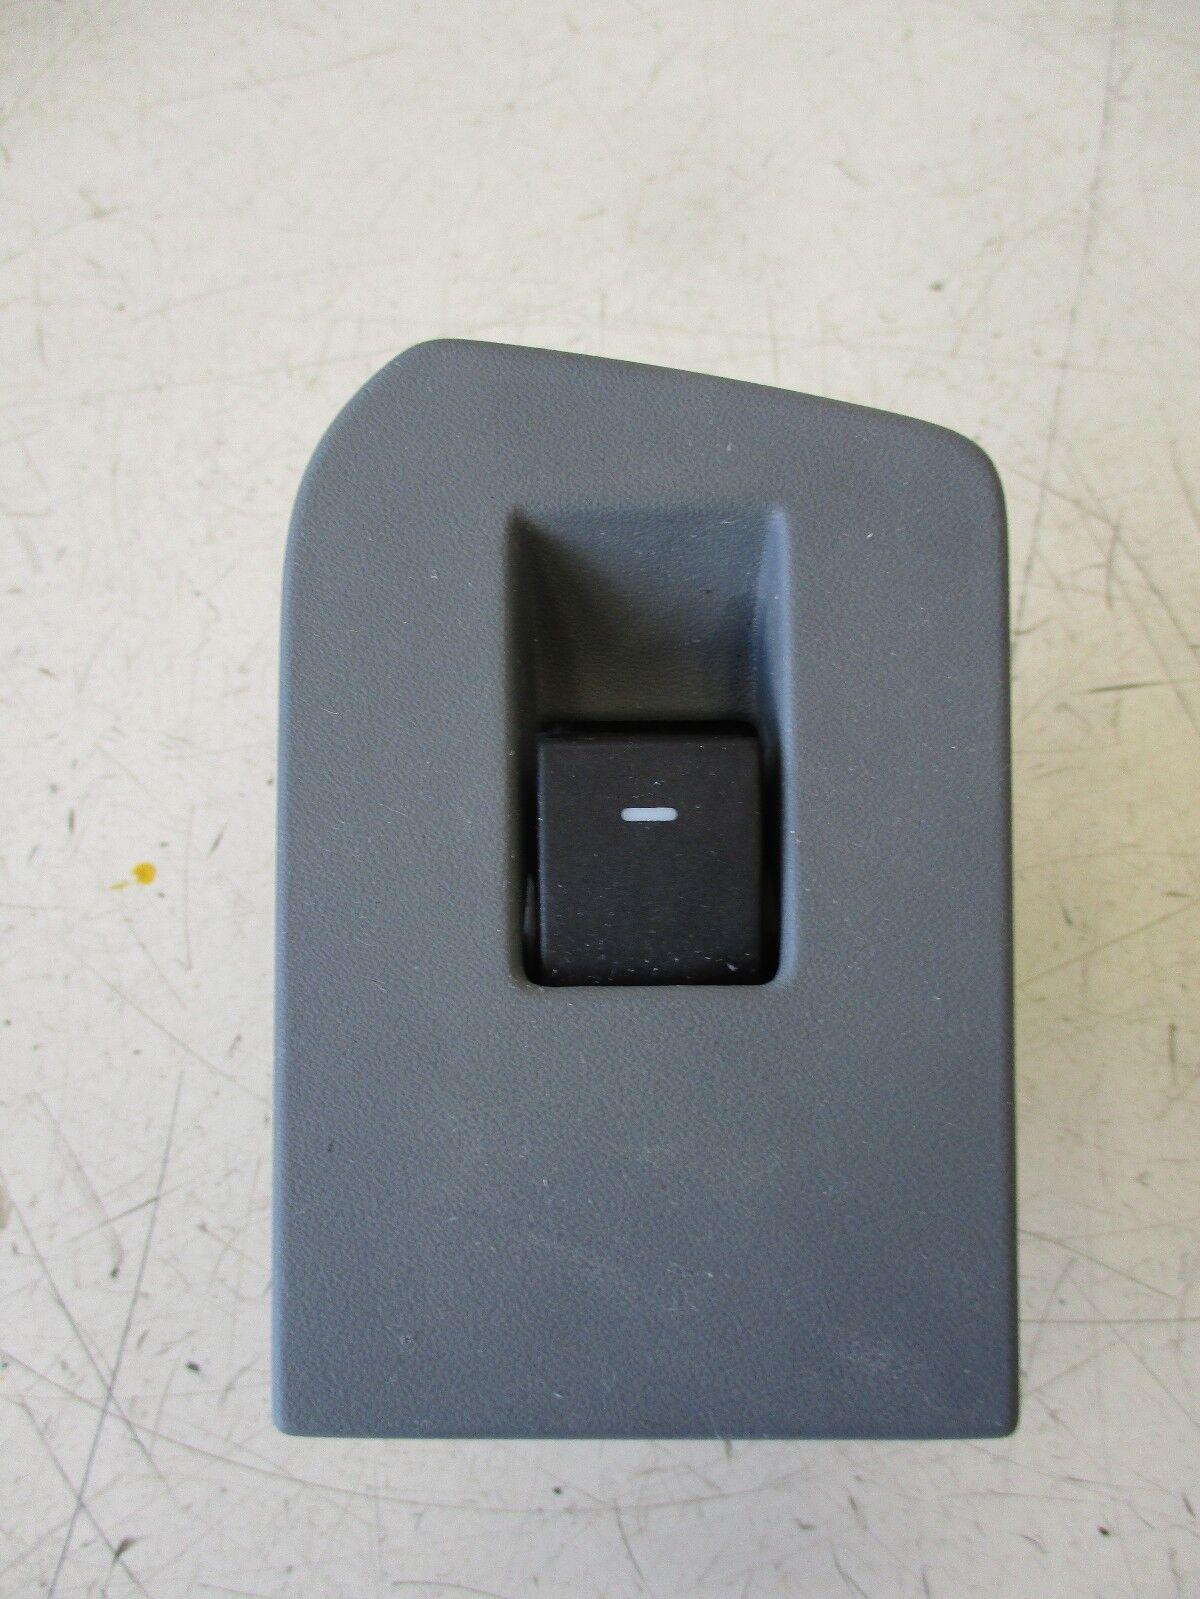 2013 FORD F150 XLT SUPER CAB OEM RH SIDE REAR DOOR SWITCH